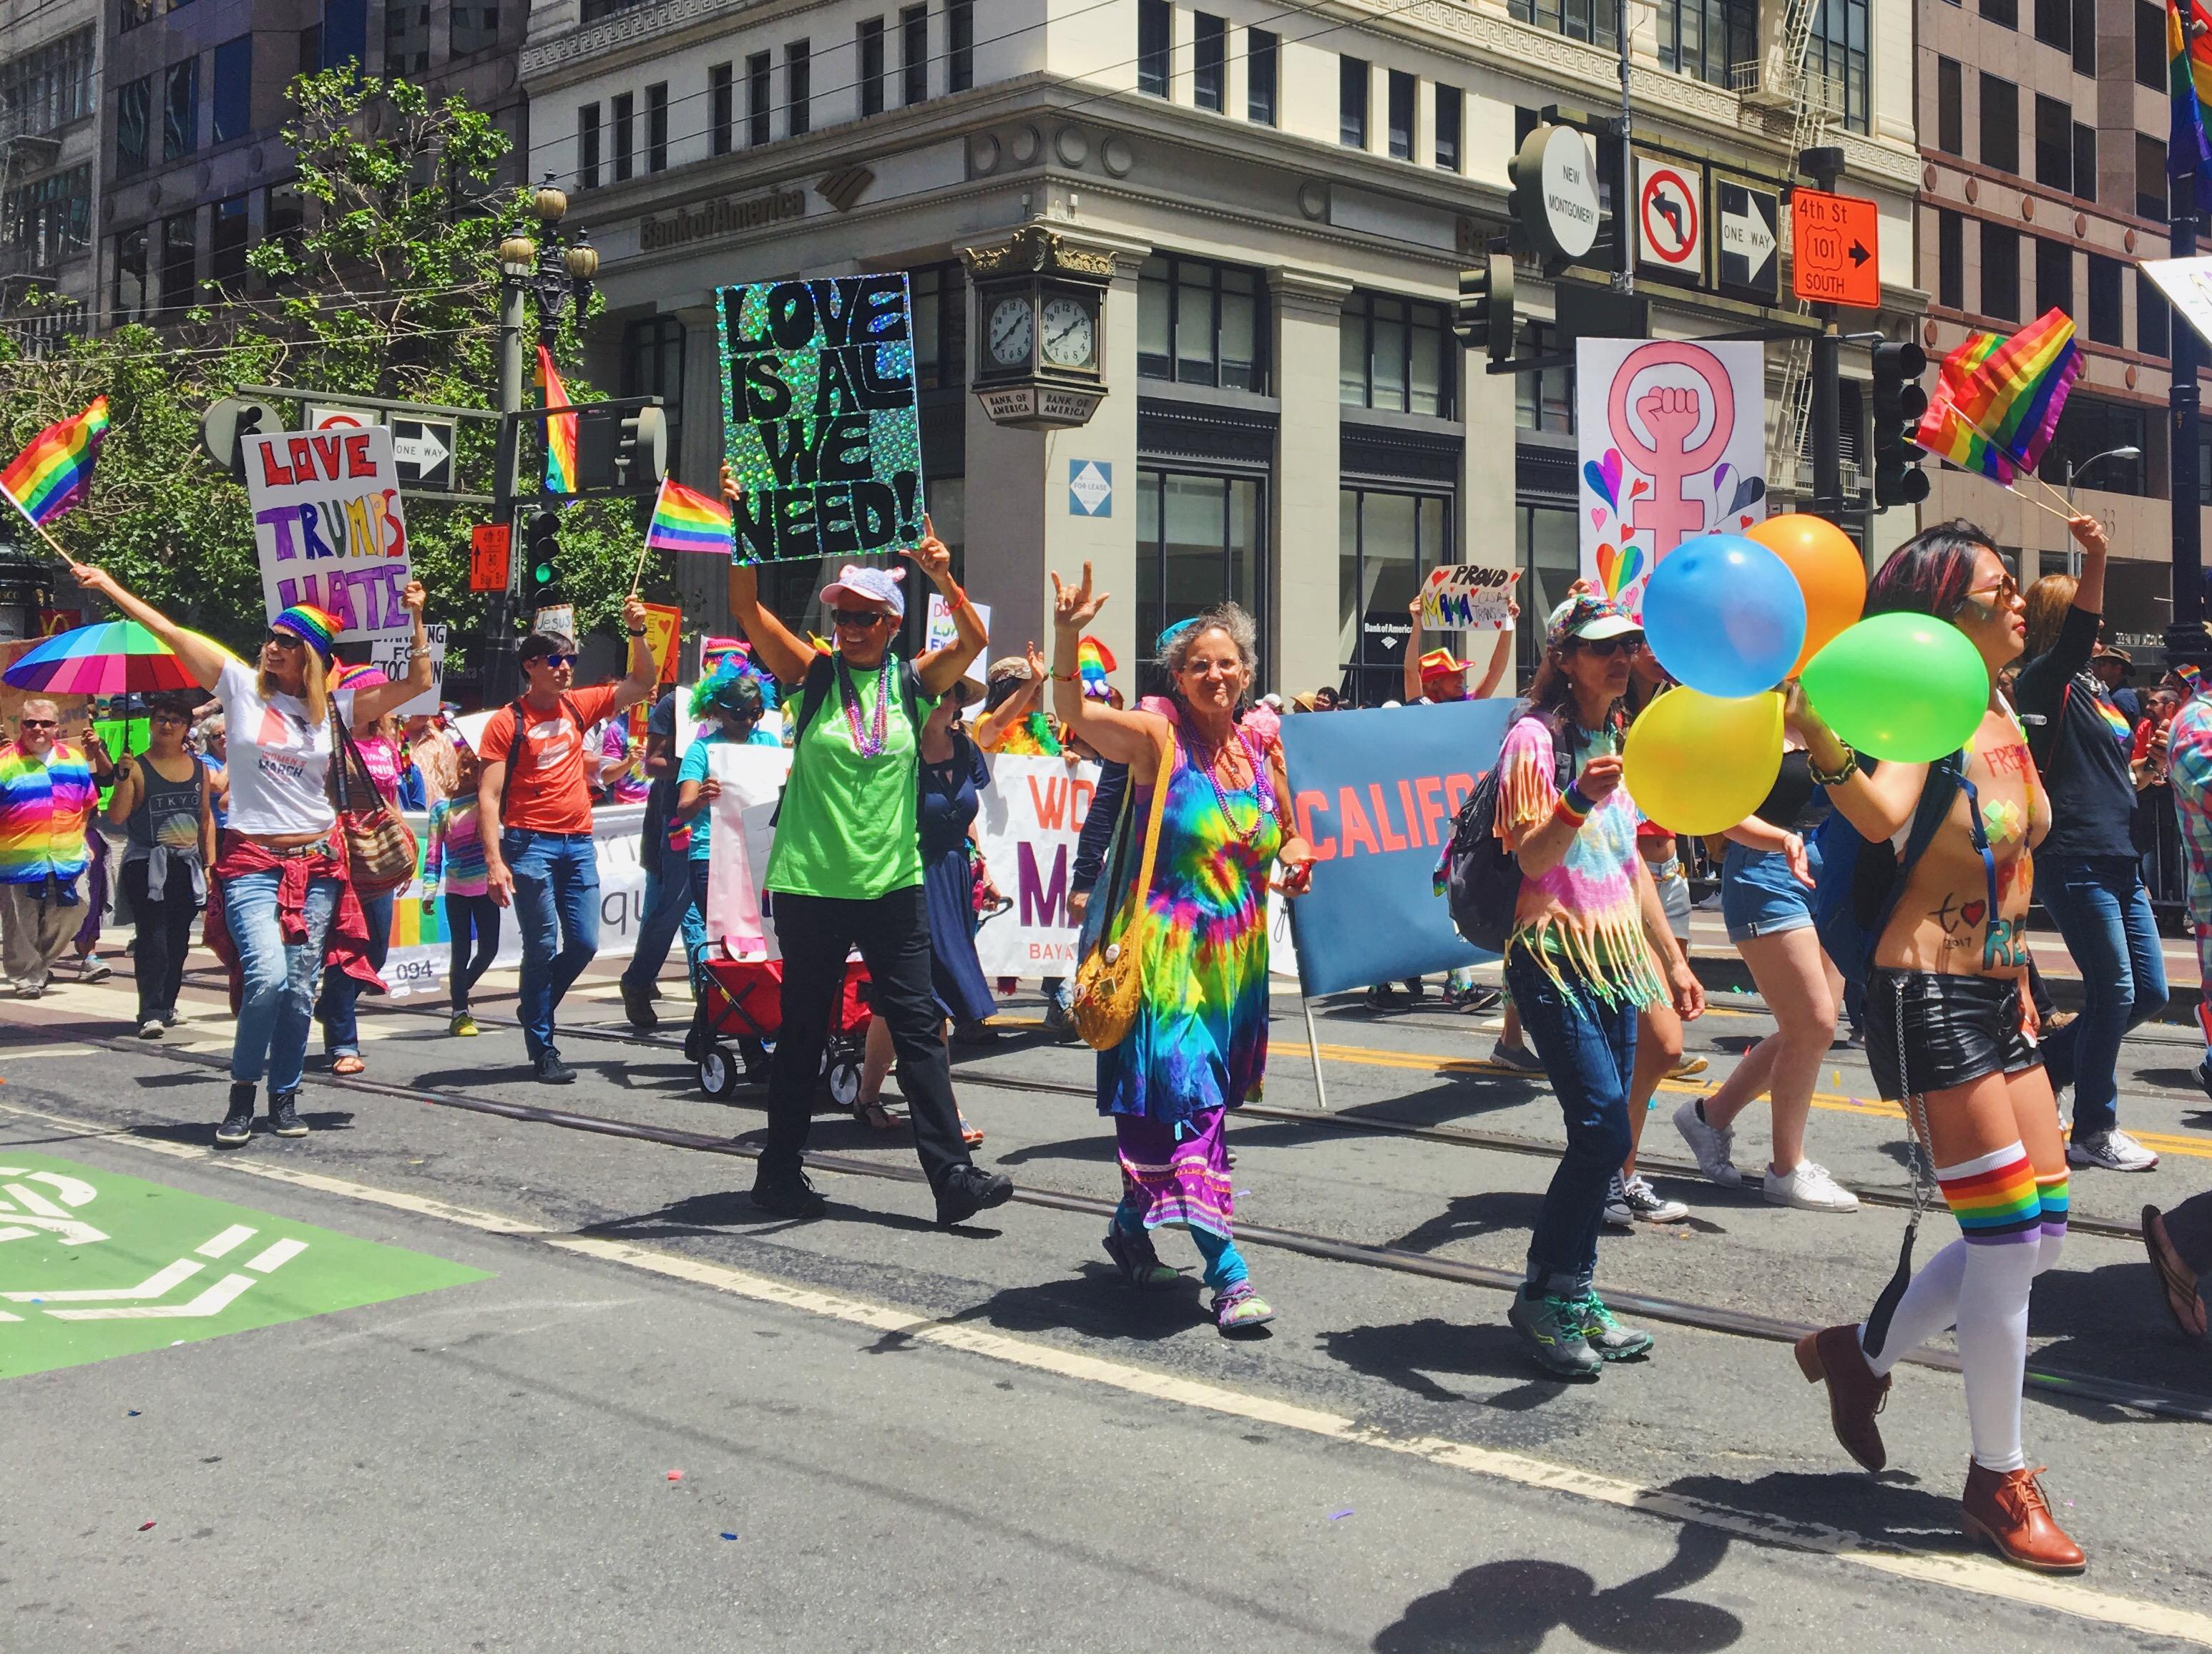 It's pride weekend in asheville